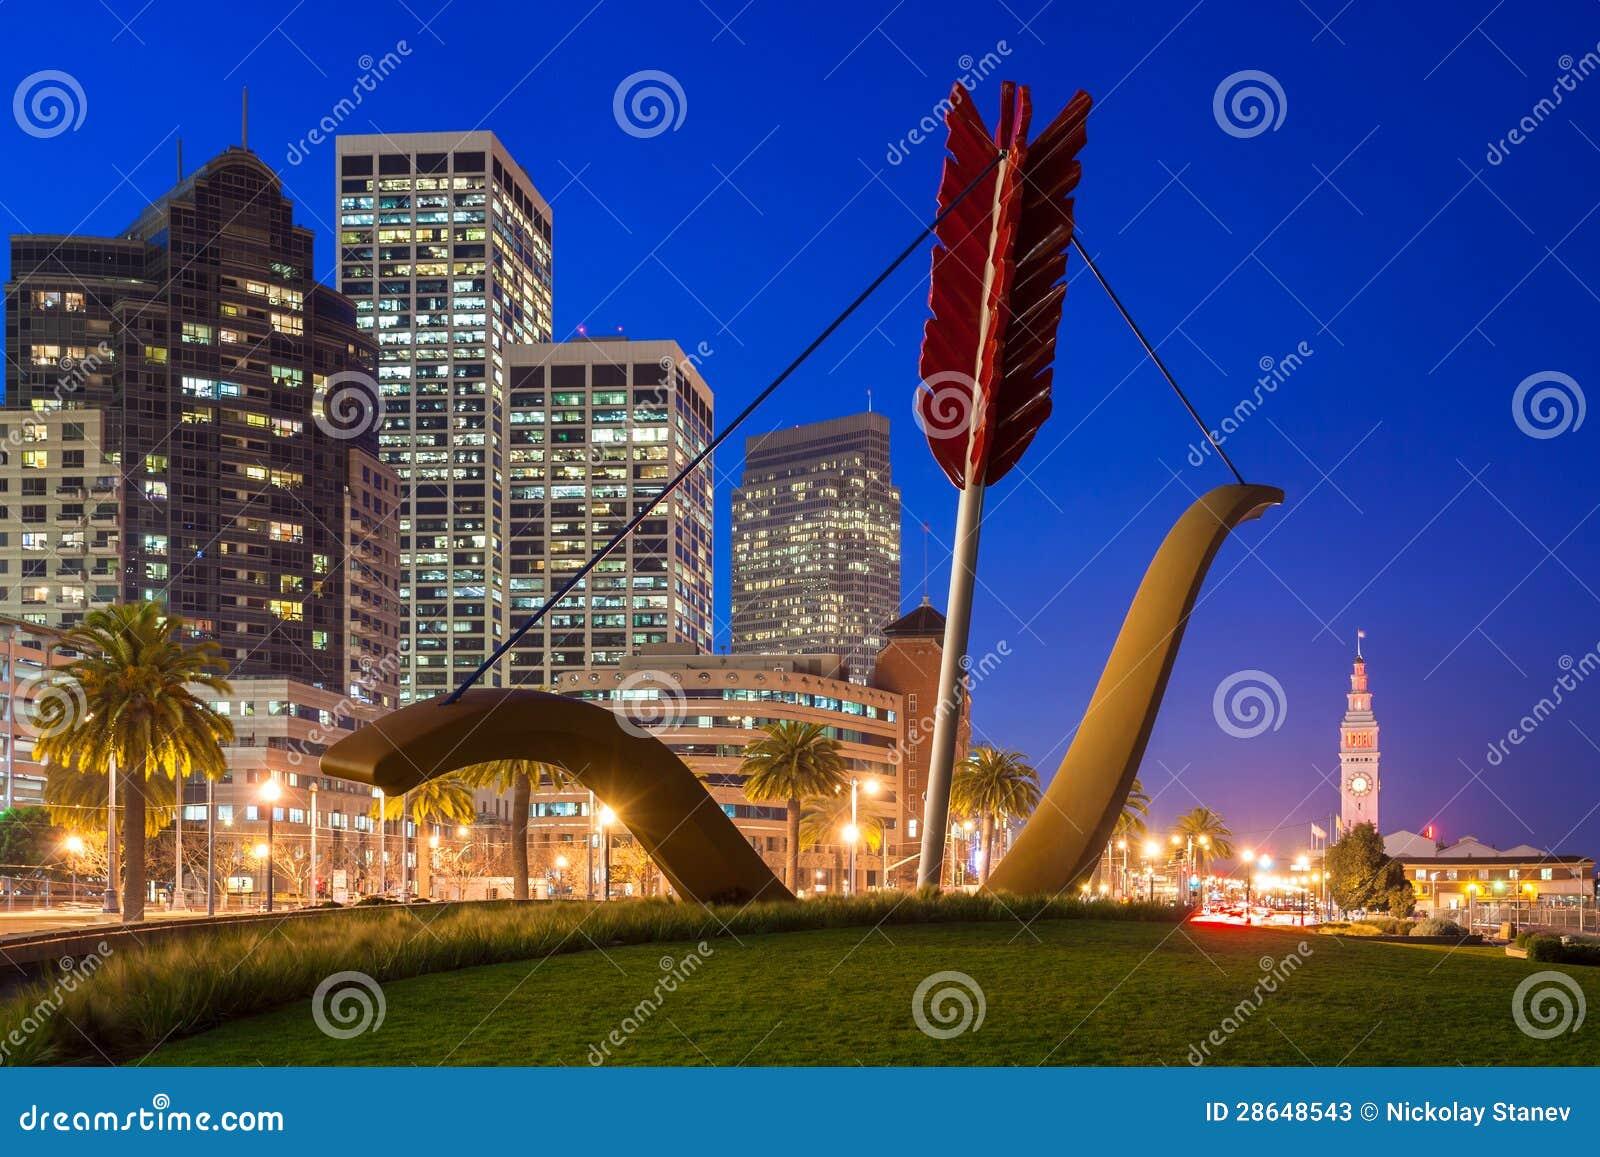 Dating στην περιοχή του κόλπου του Σαν Φρανσίσκο